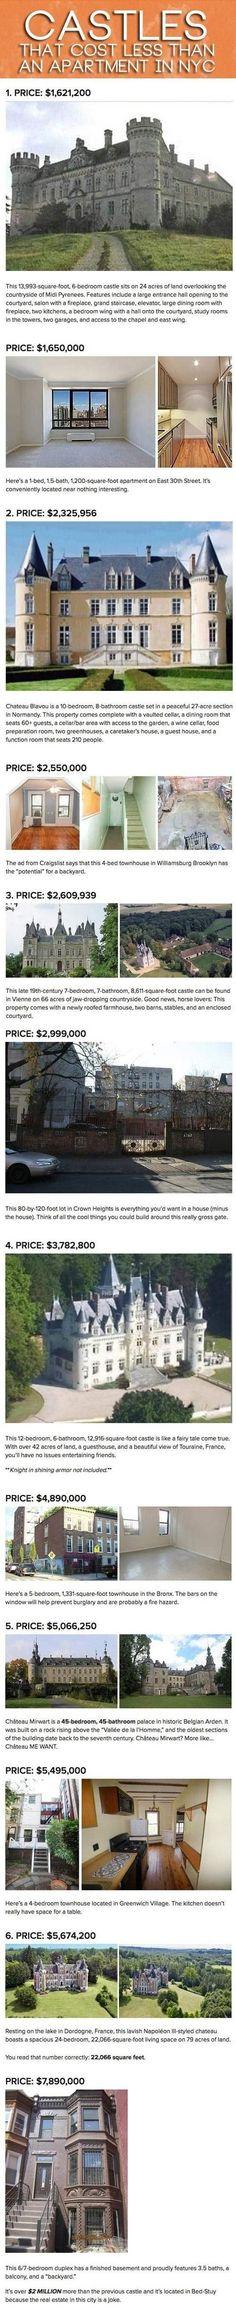 1 (17) Castillos que cuestan menos que un apartamento  en NYC